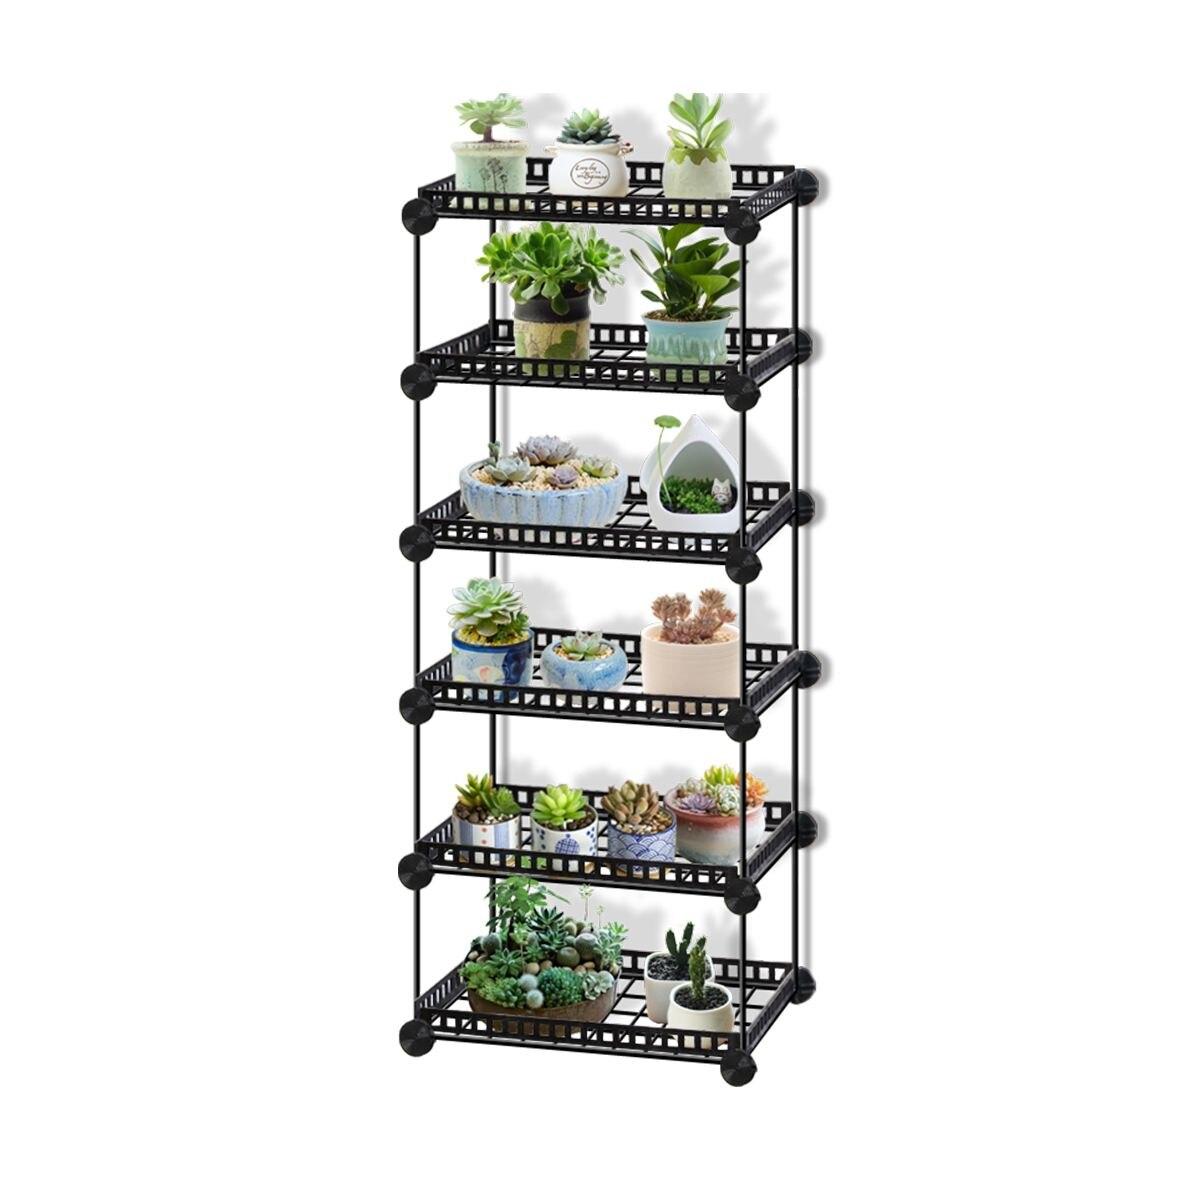 Estanterías para plantas de Metal duraderas de 6/5/4/3 niveles, soporte para maceta, soporte para jardín, soporte para exhibición de plantas suculentas, casa Decoración Para balcón